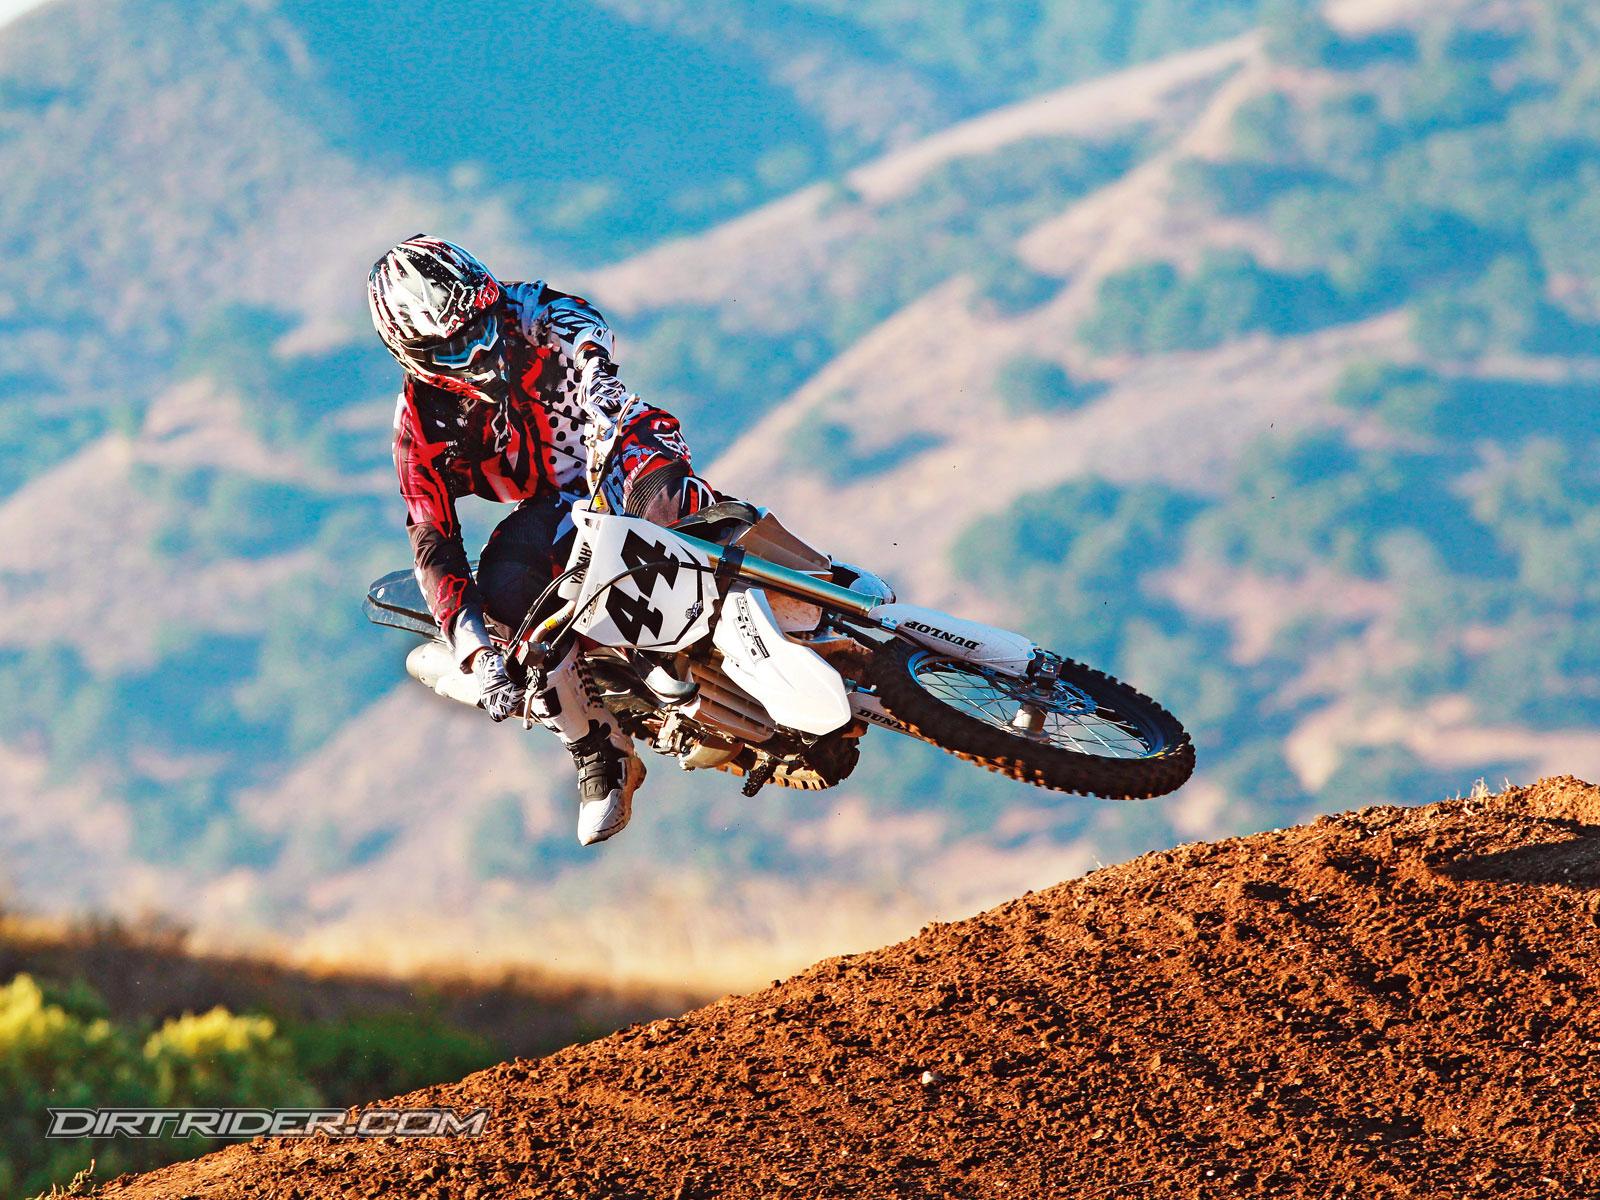 Dirt Bikes Hd Wallpapers: HD Dirt Bike Wallpapers